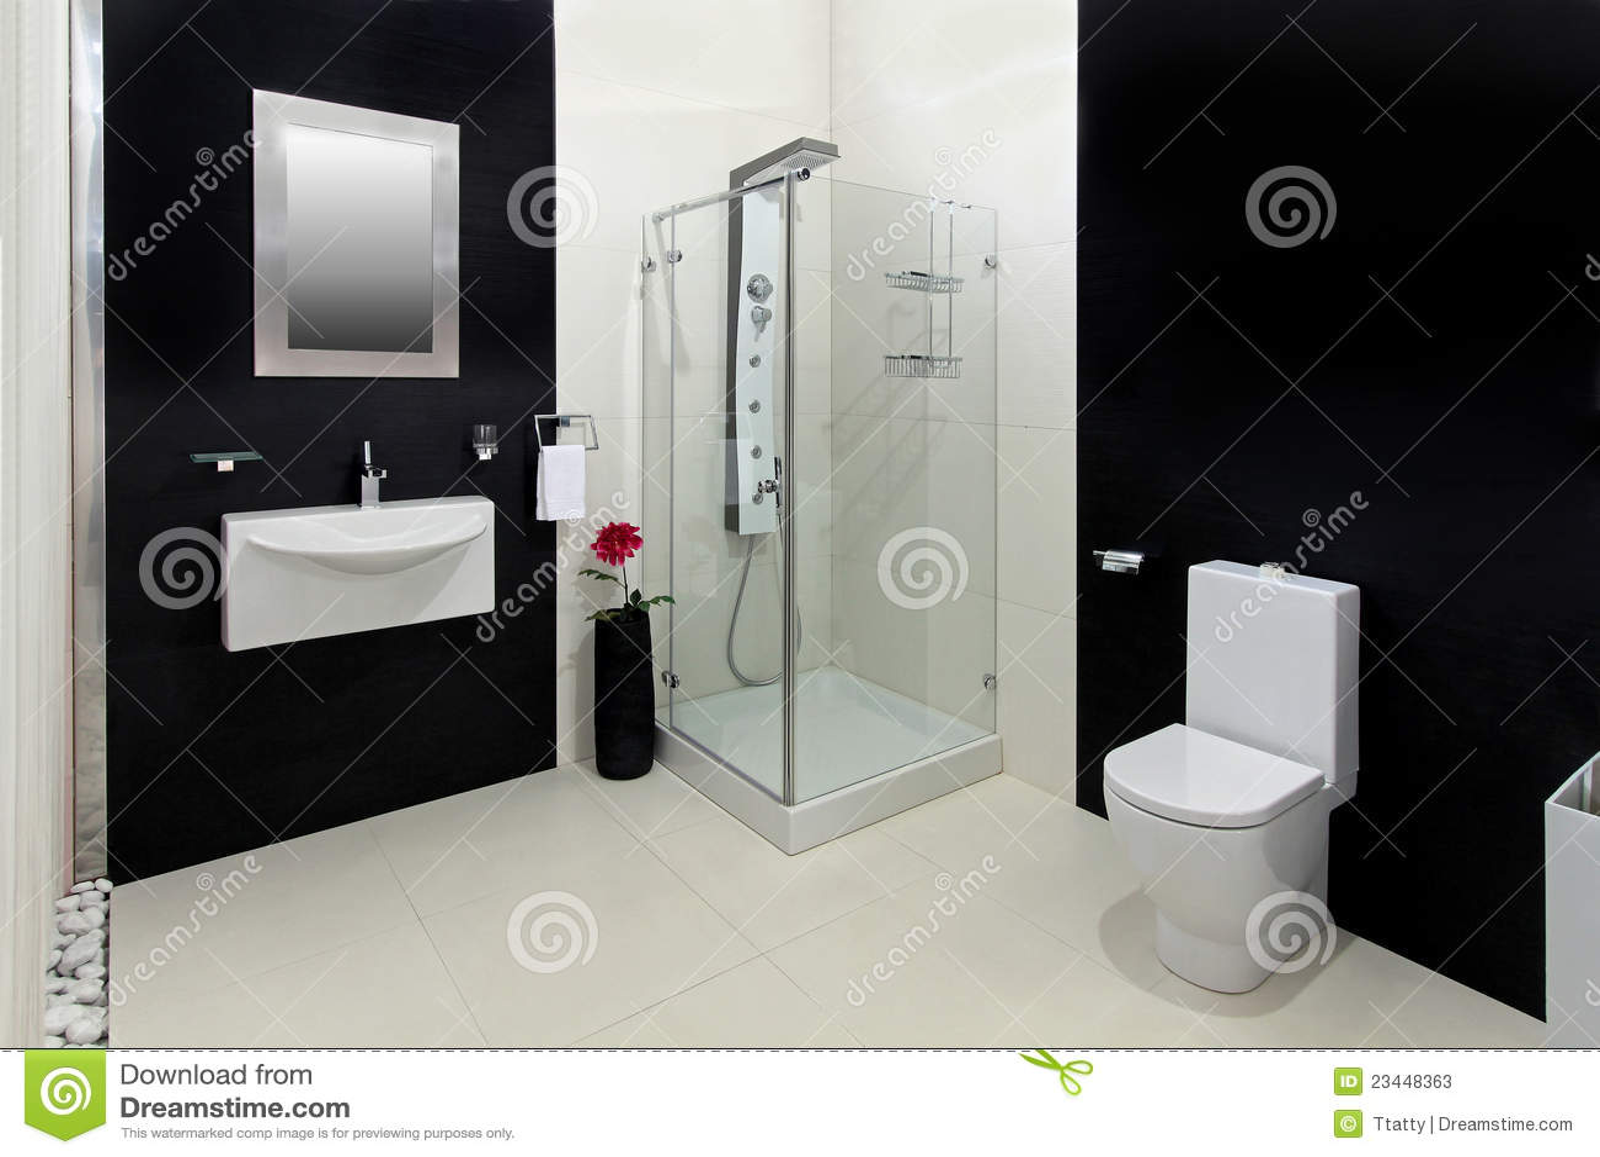 Banheiro Branco Preto Fotos de Stock Imagem: 23448363 #82A328 1300x957 Armario Para Banheiro Branco E Preto